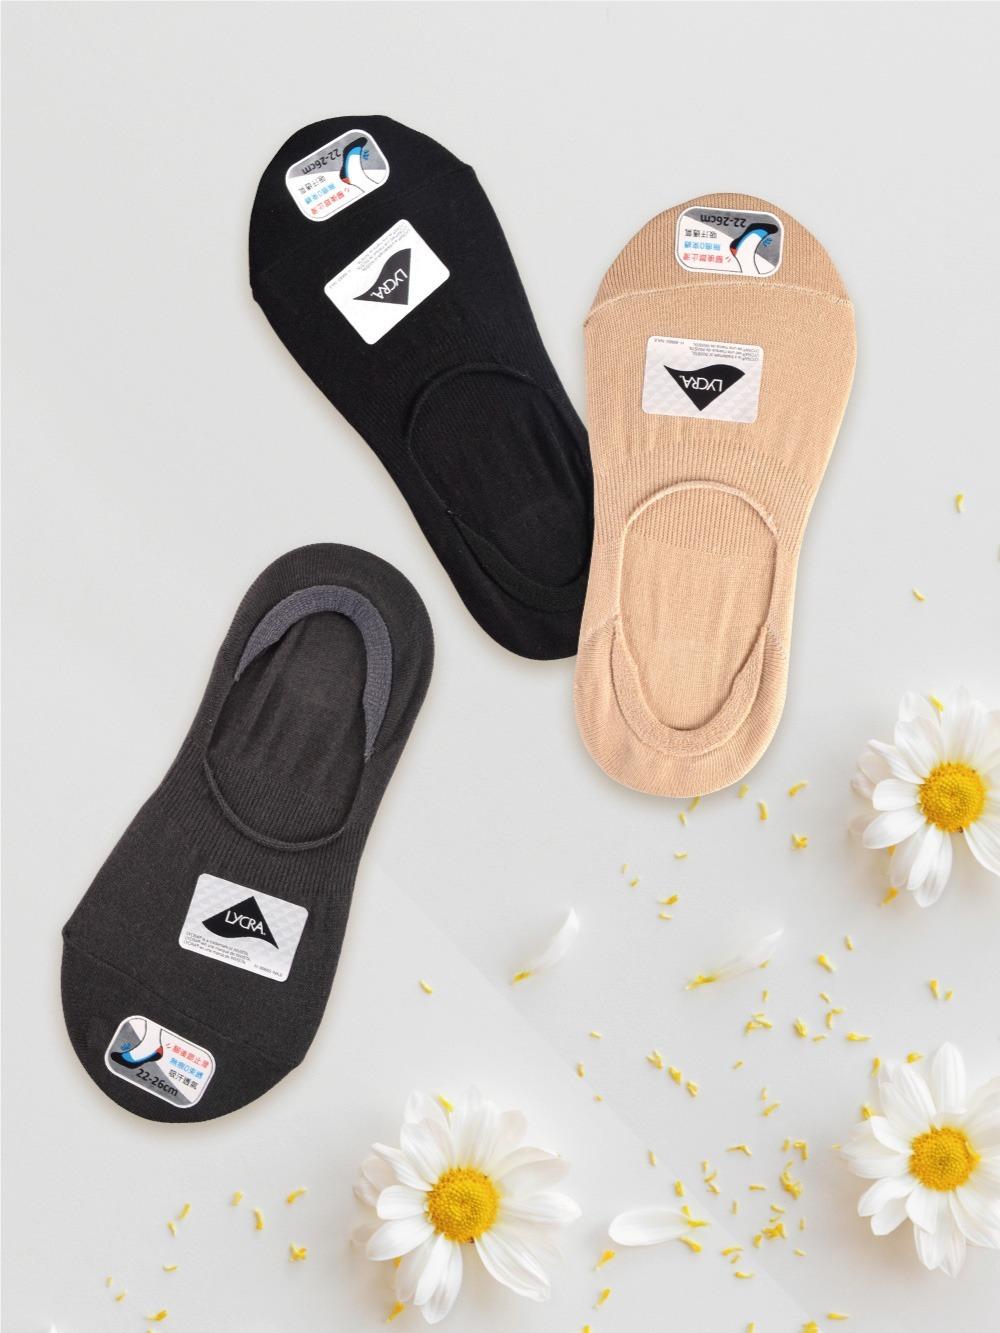 貝柔0束痕柔棉止滑襪套-帆船鞋款(純色)